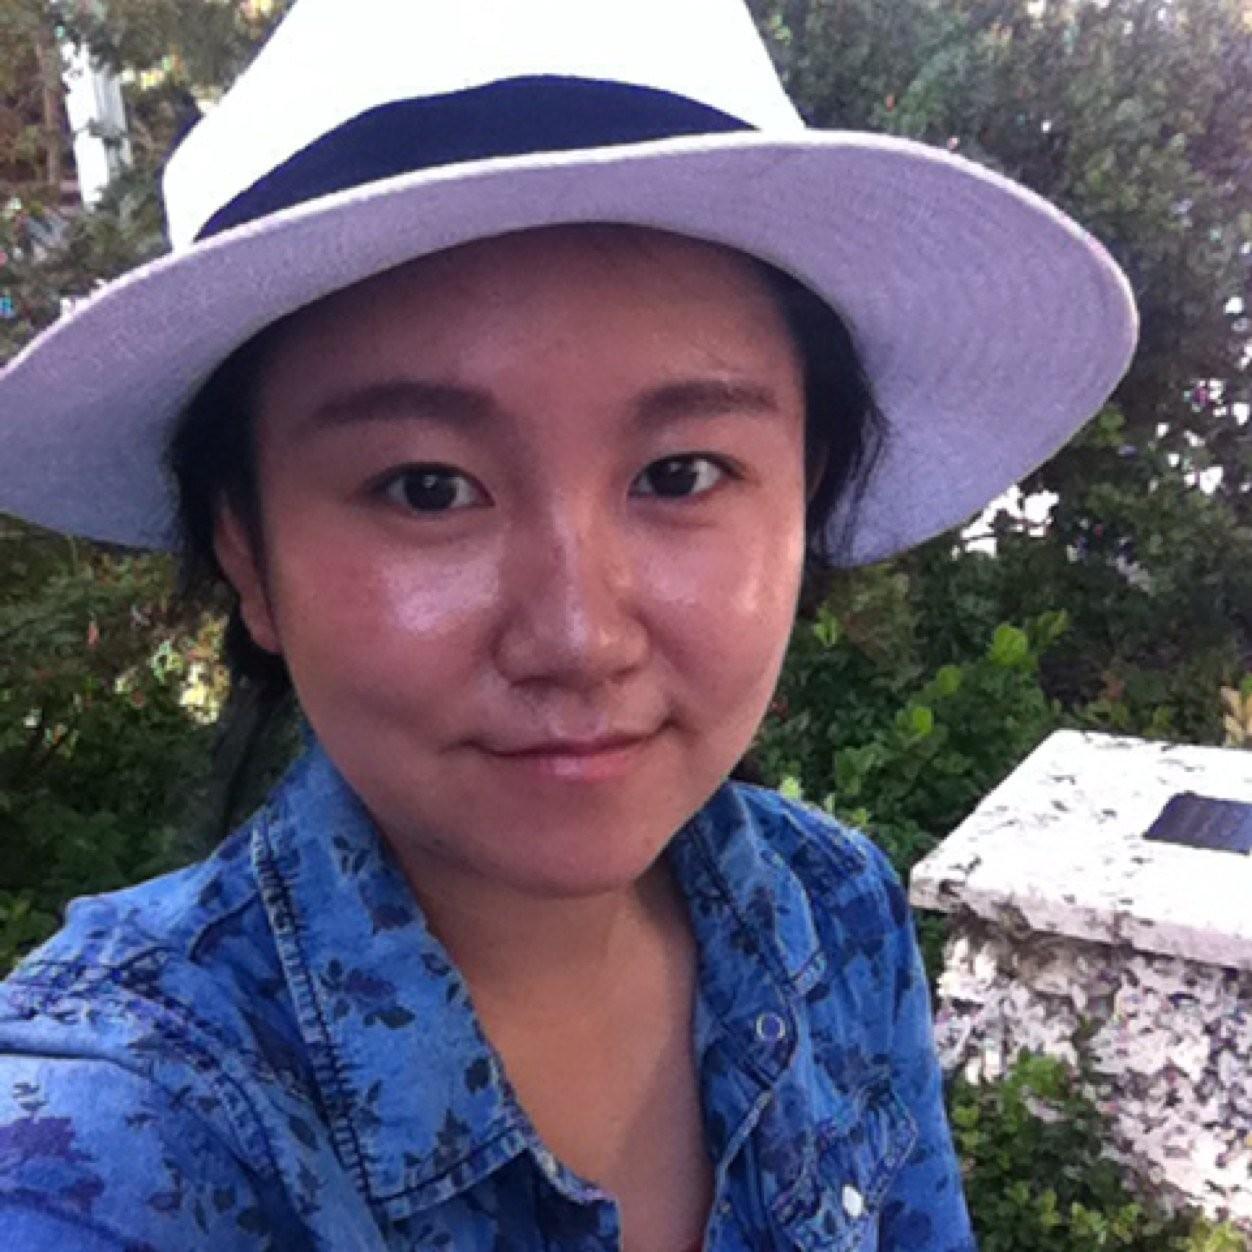 密苏里州法医确认 失踪华人女子纪梦奇遗骸找到_图1-1